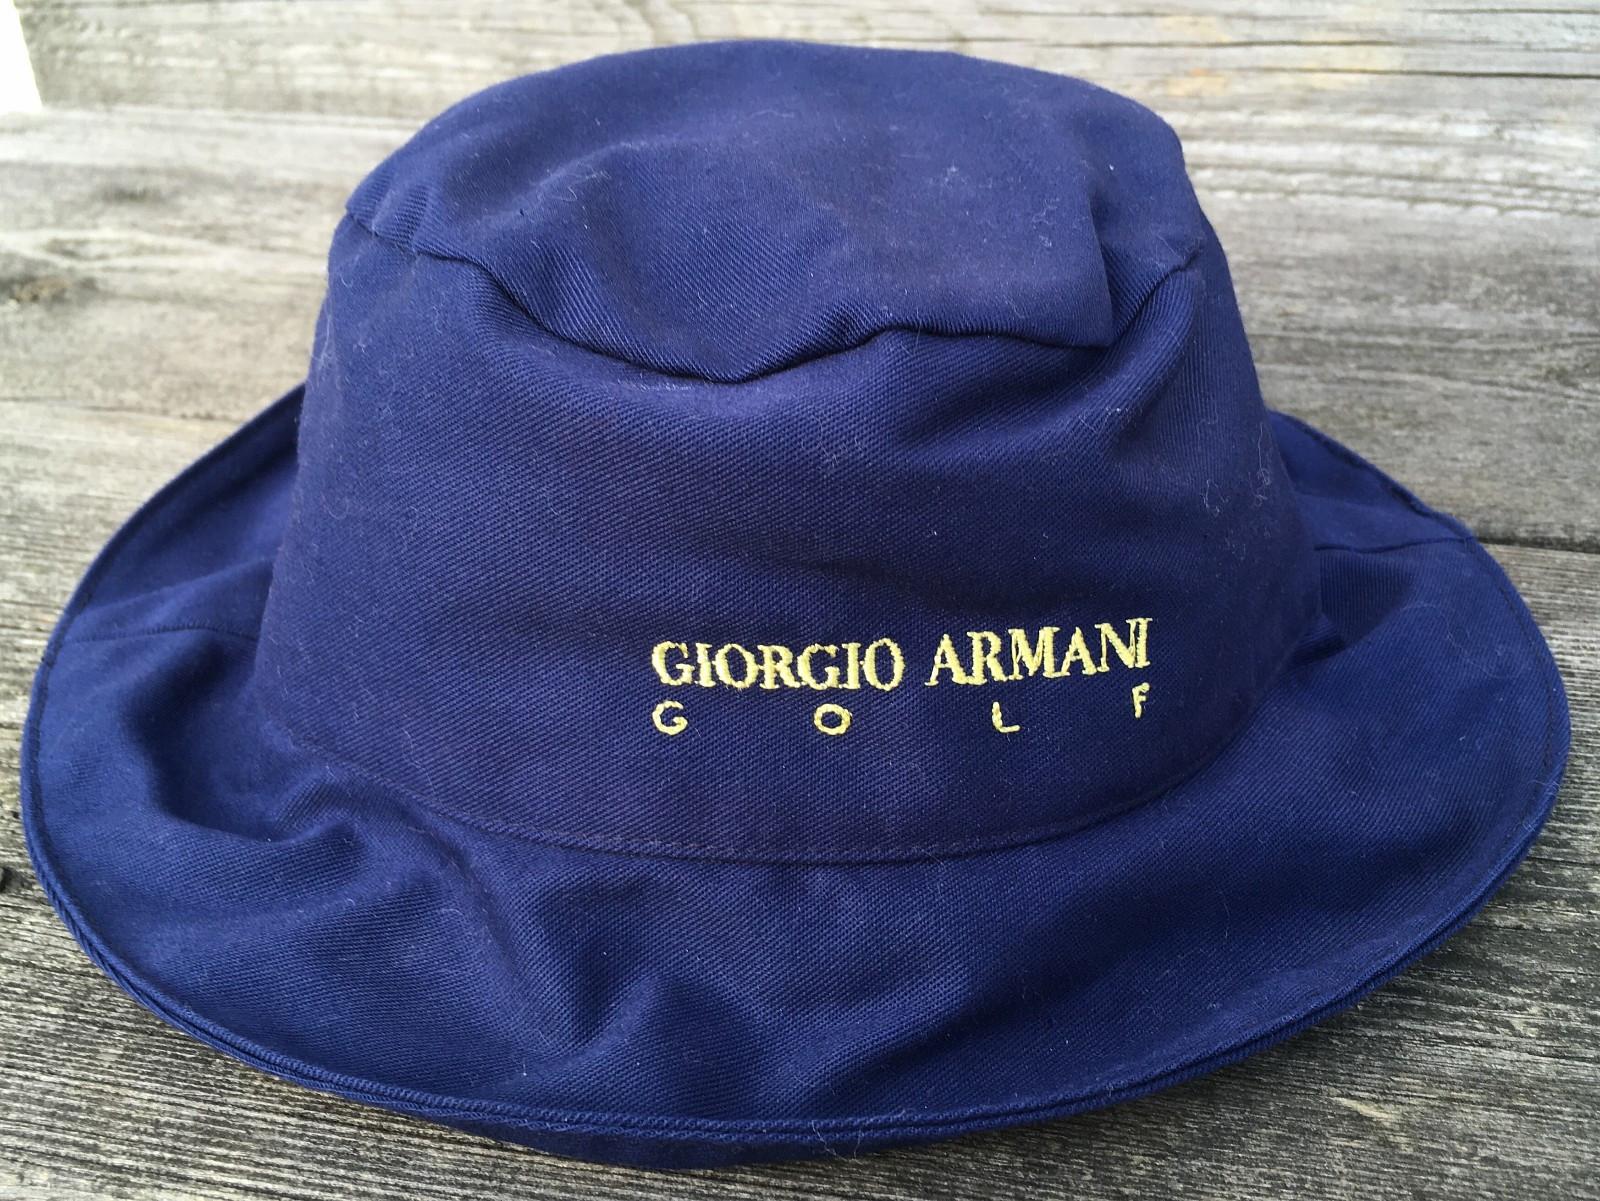 Giorgio Armani Golf hatt str 3 + hanske - Sandnes  - Pent brukt Giorgio Armani Golf hatt str 3 - hanske i skinn liten str. Selges pga det ble ikke noe av golf spillingen min. Samlet pris for hatt og hanske kr. 500,- - Sandnes